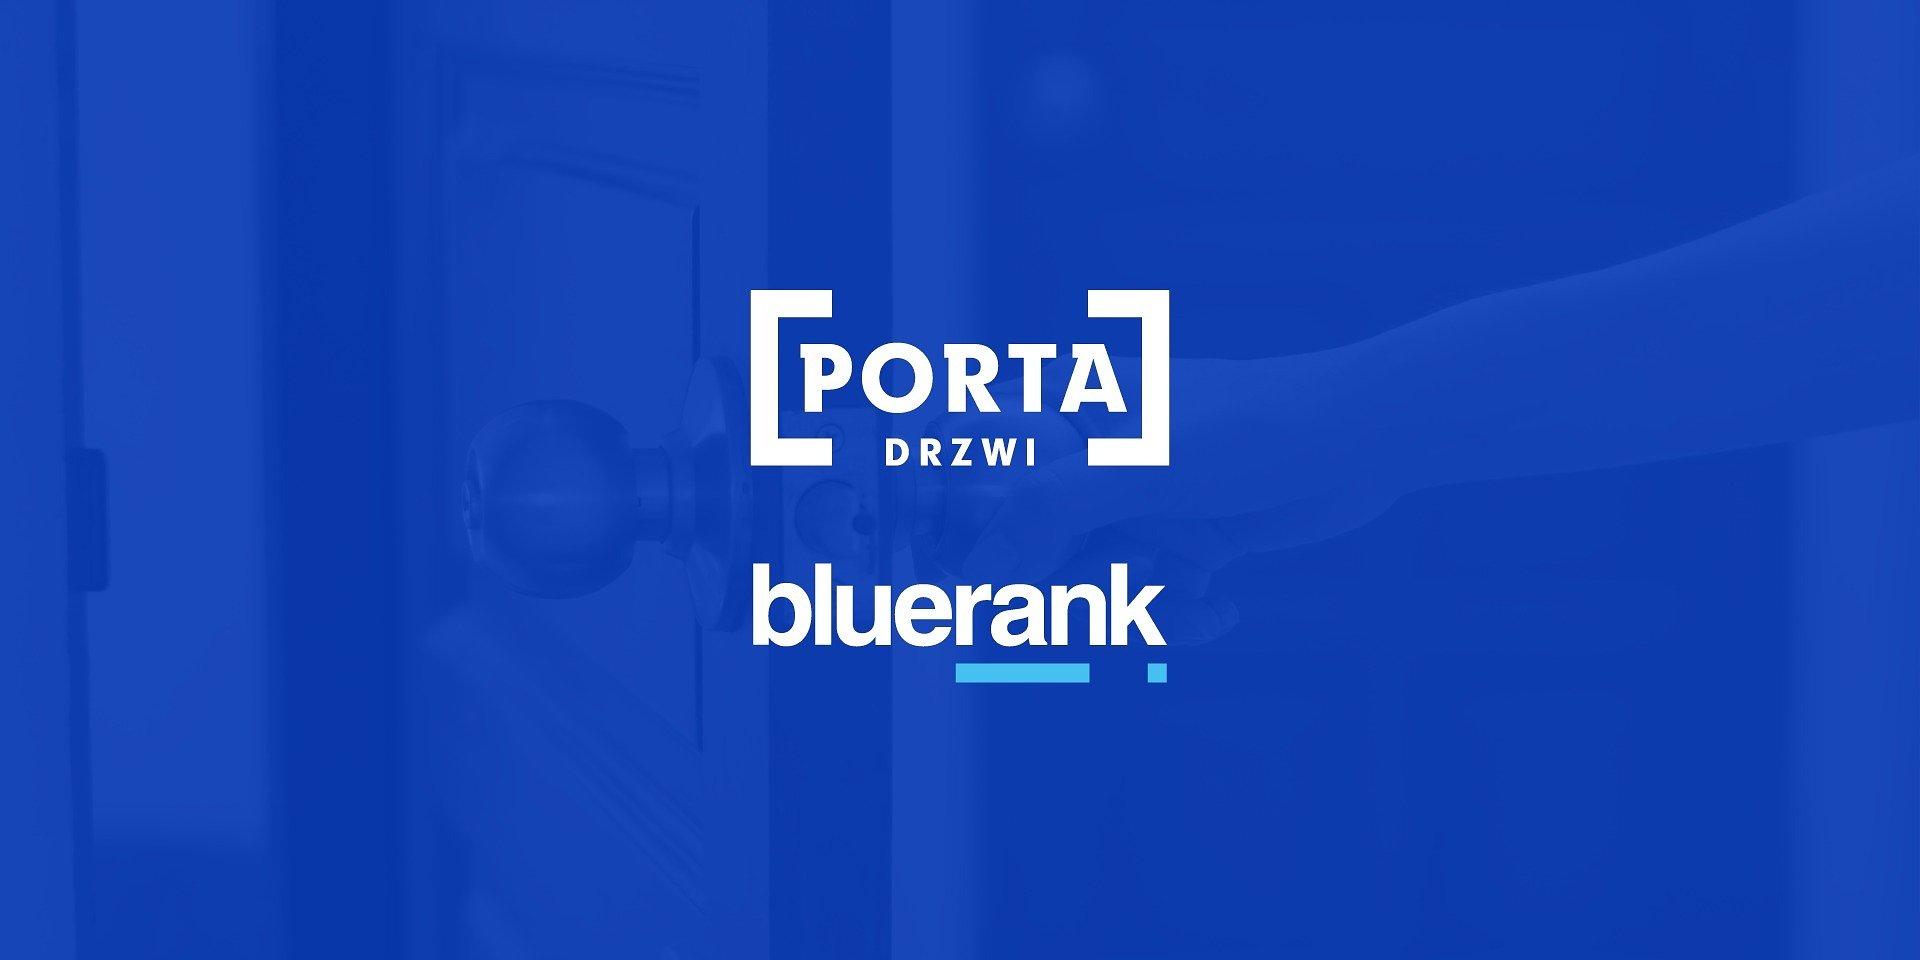 PORTA poszerza zakres współpracy z agencją Bluerank